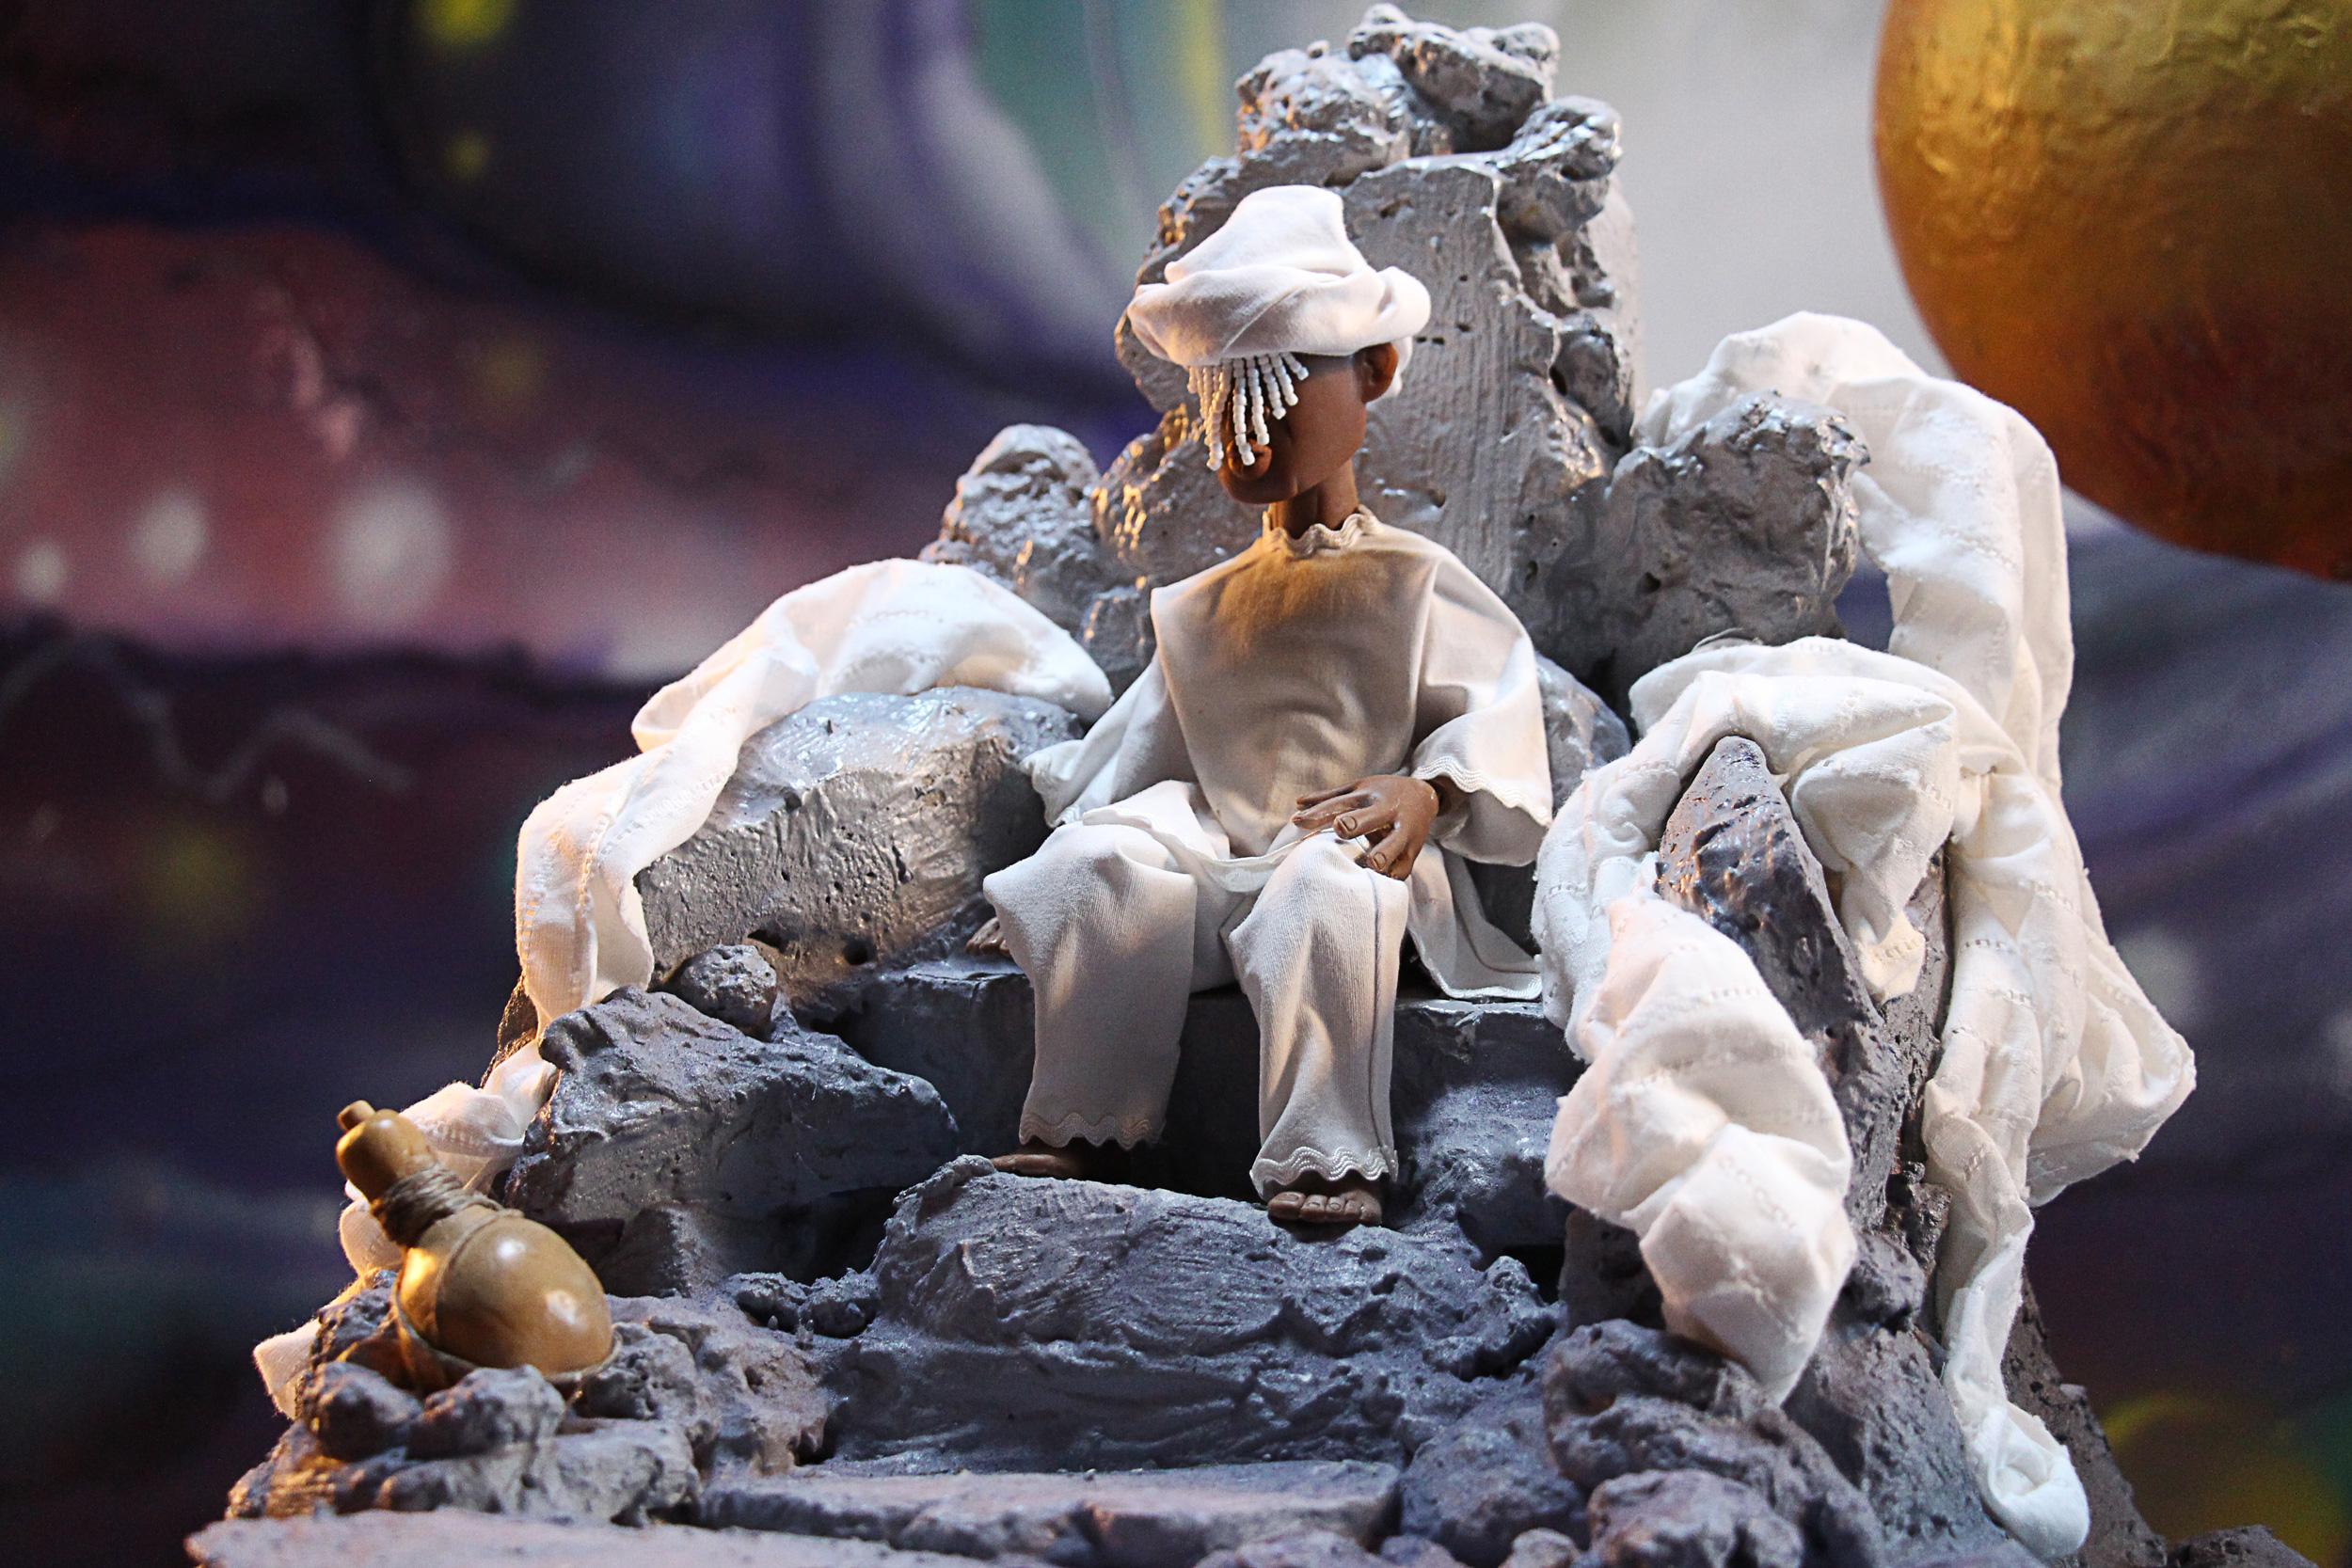 Detail of Olodumaré in heaven. ©Jamile Coelho